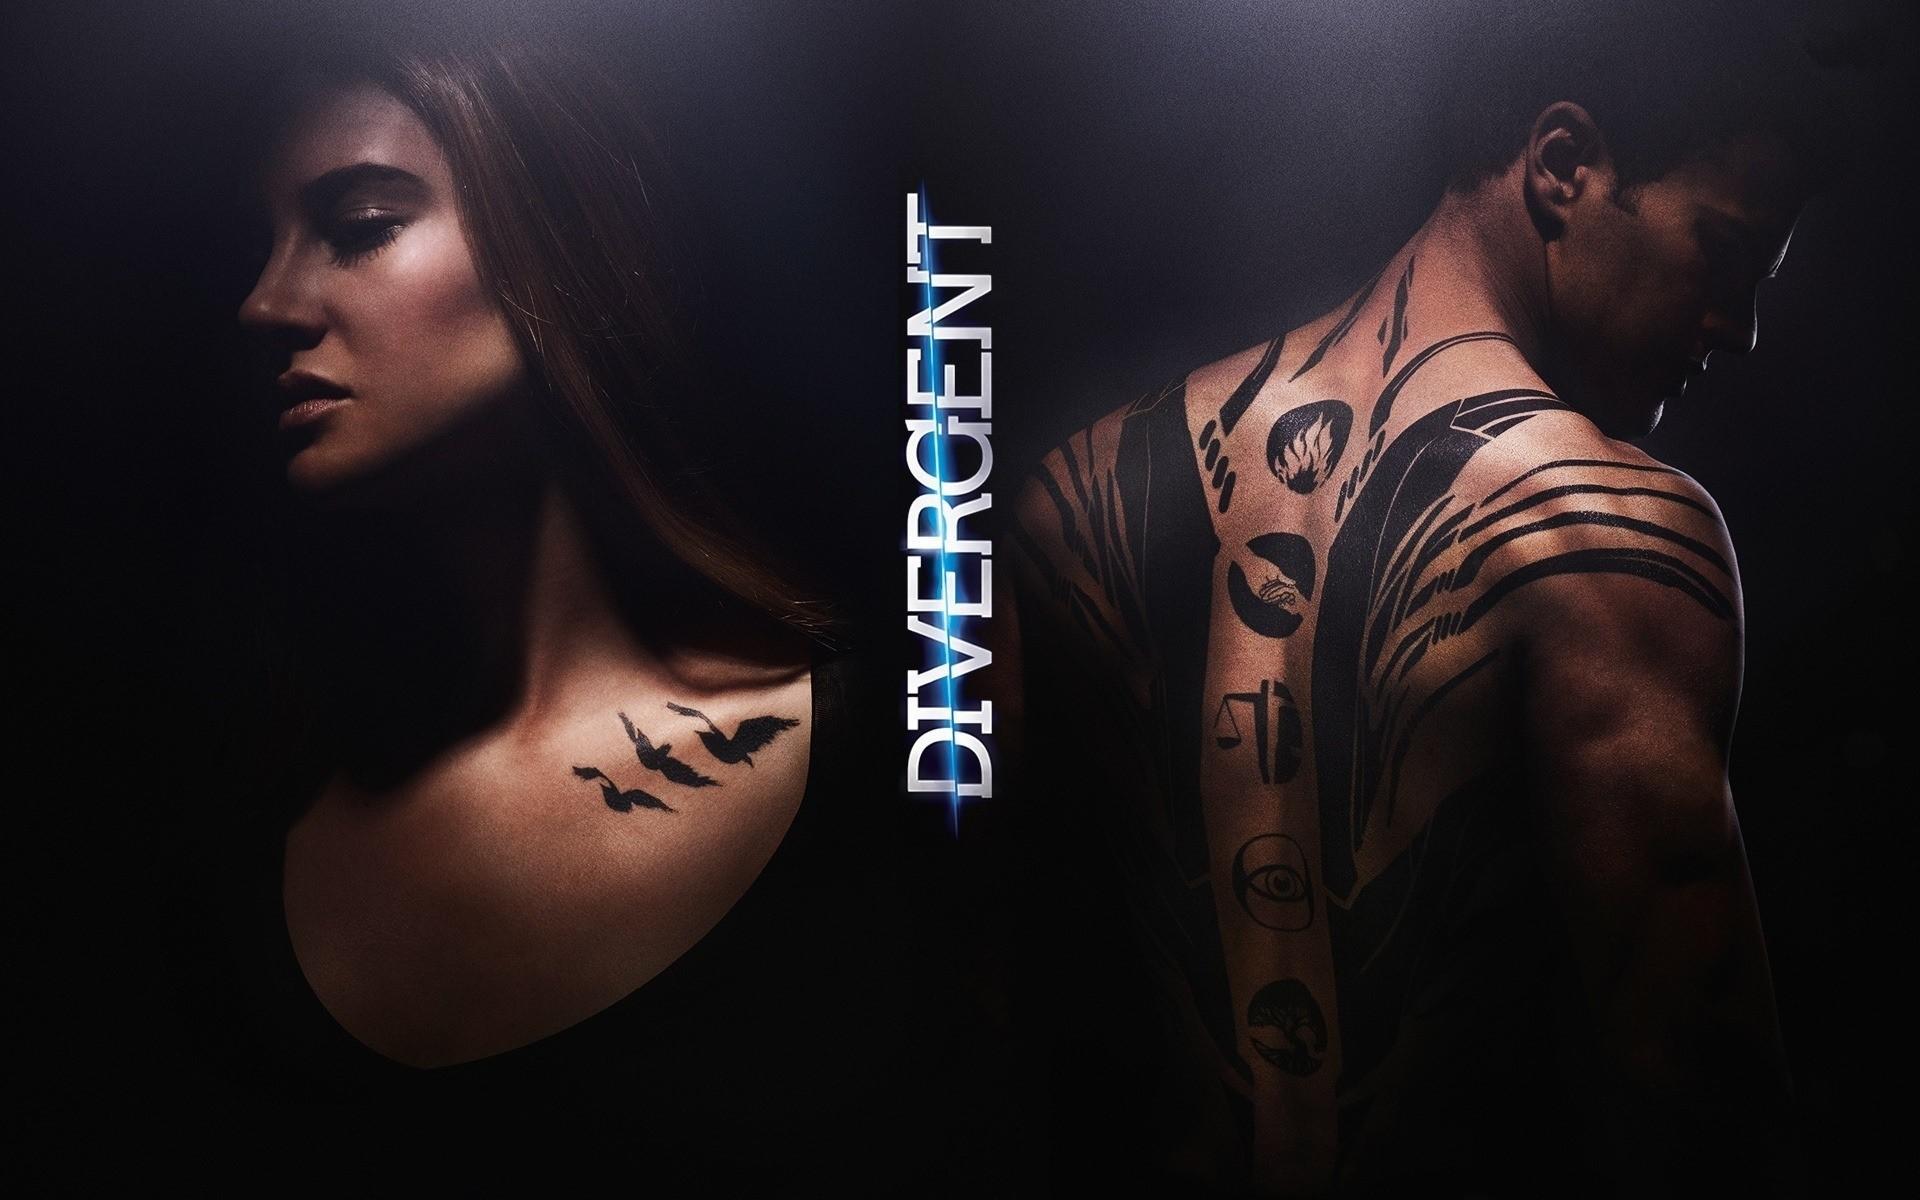 Fondos de pantalla Tris y Cuatro en Divergente